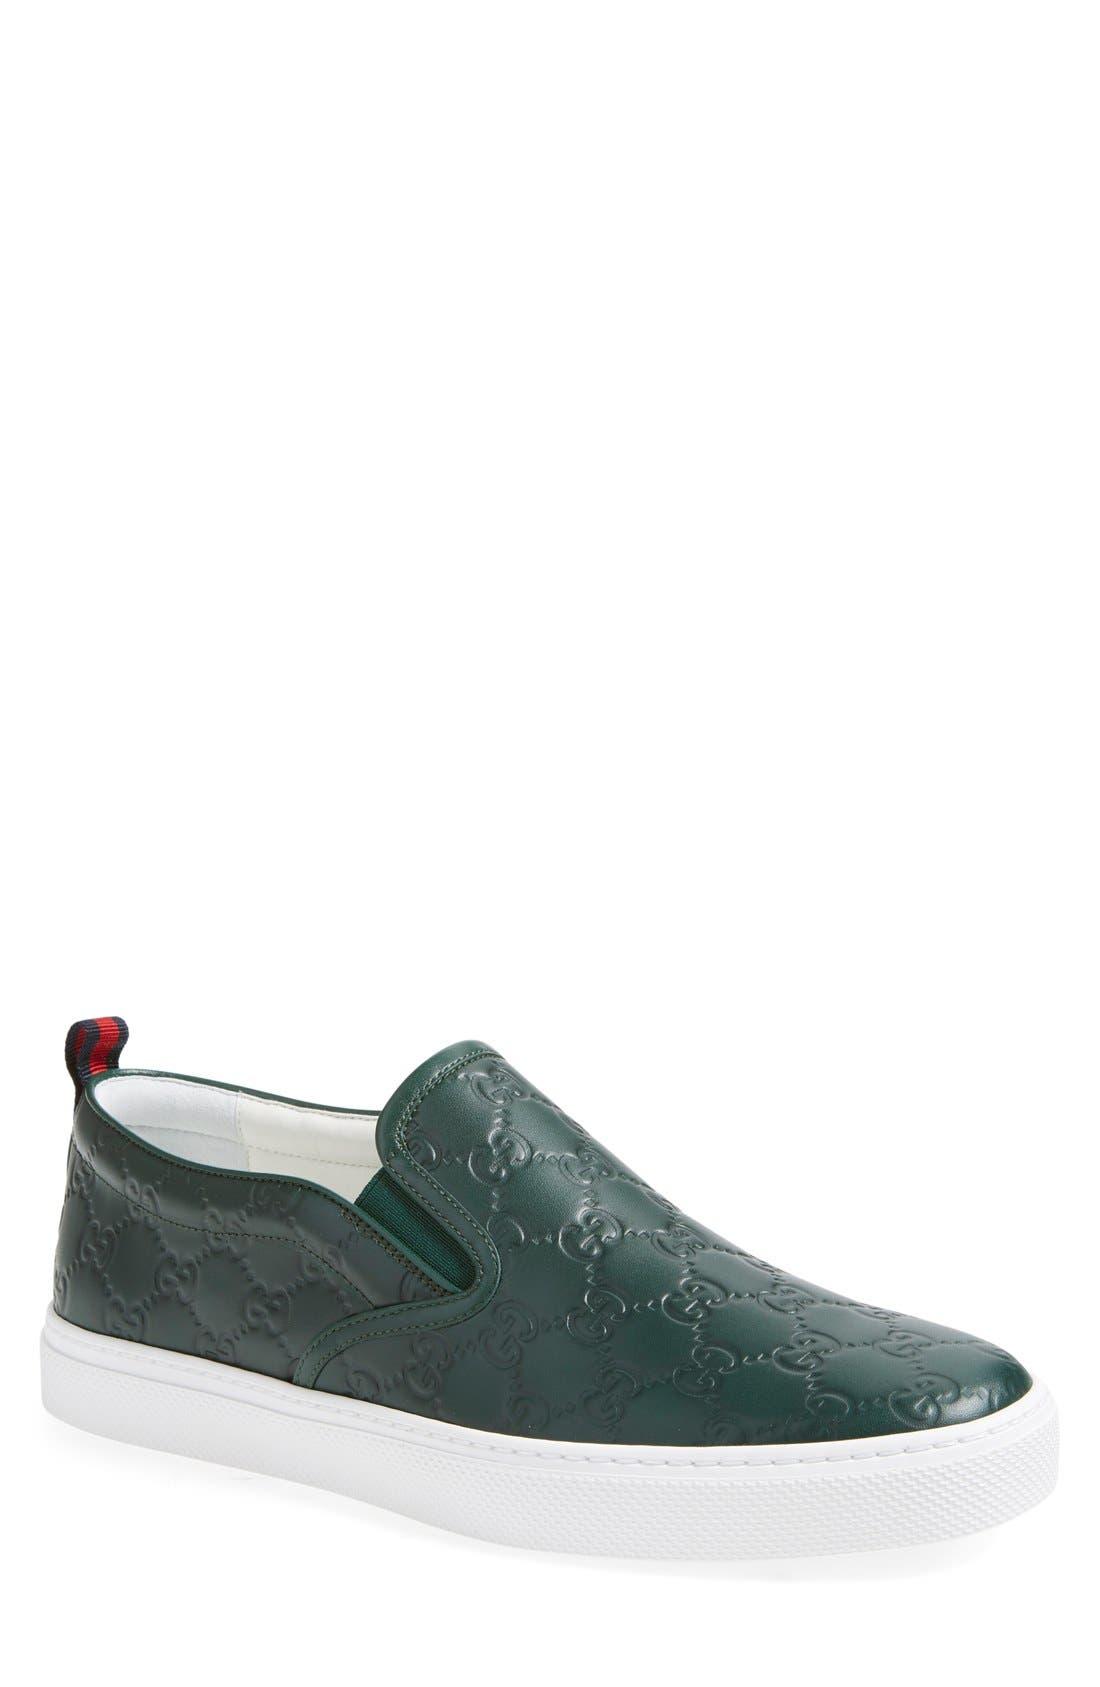 Dublin Slip-On Sneaker,                             Main thumbnail 12, color,